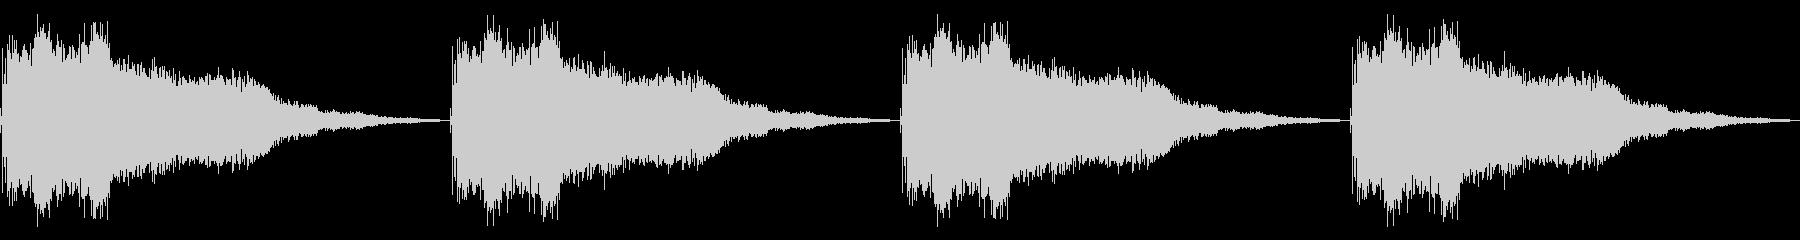 アラーム 警告音(ループ)の未再生の波形